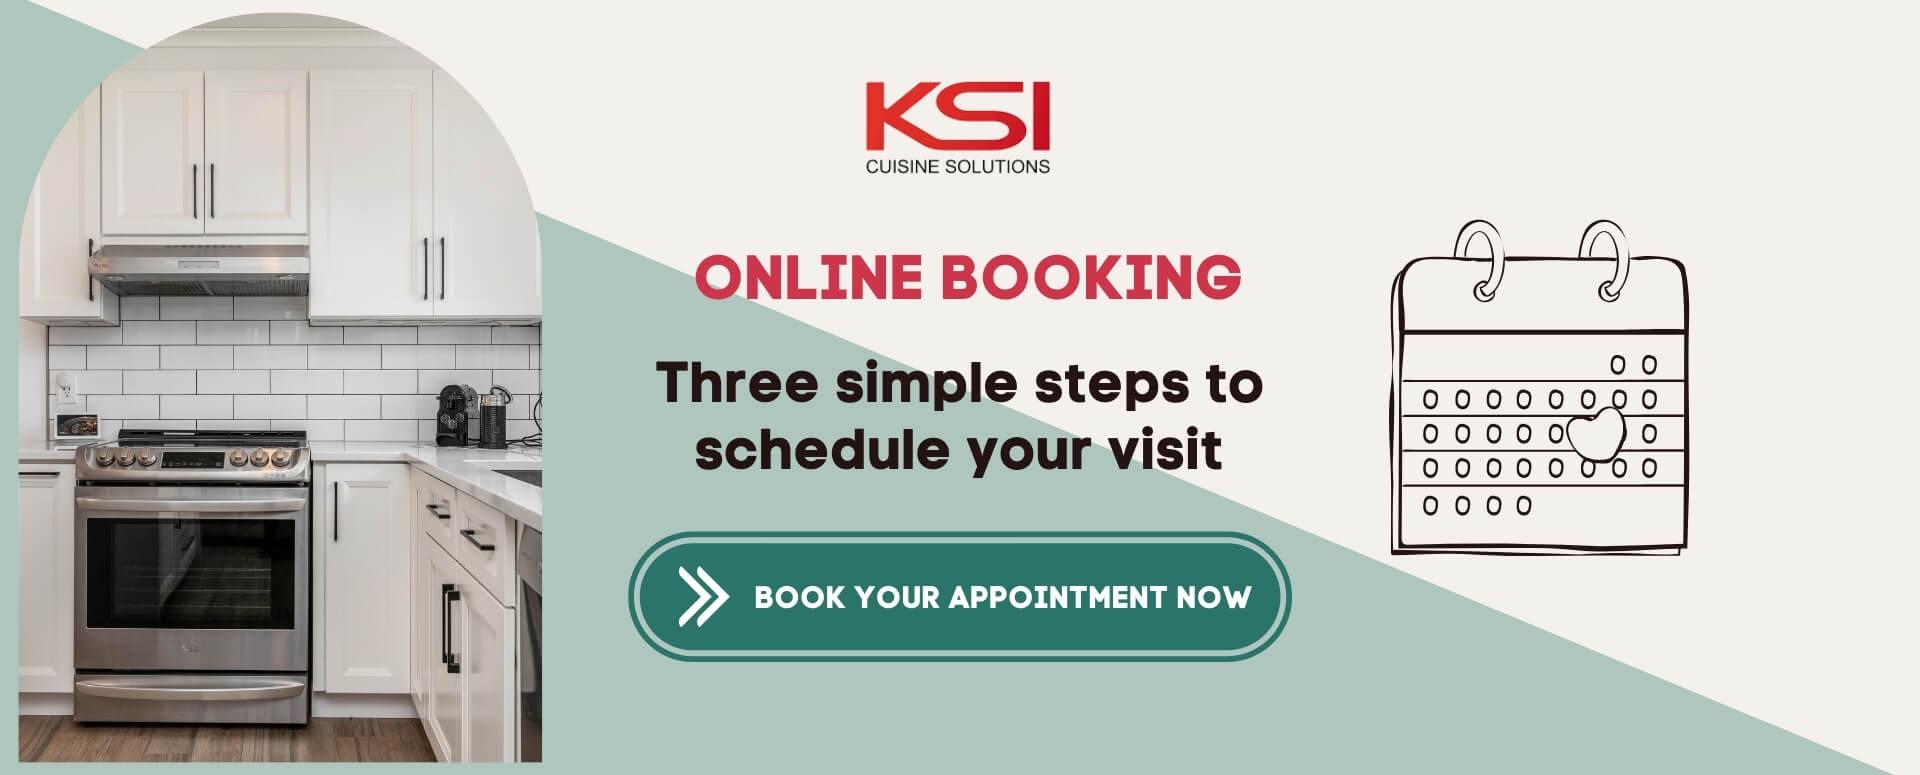 KSI online Booking